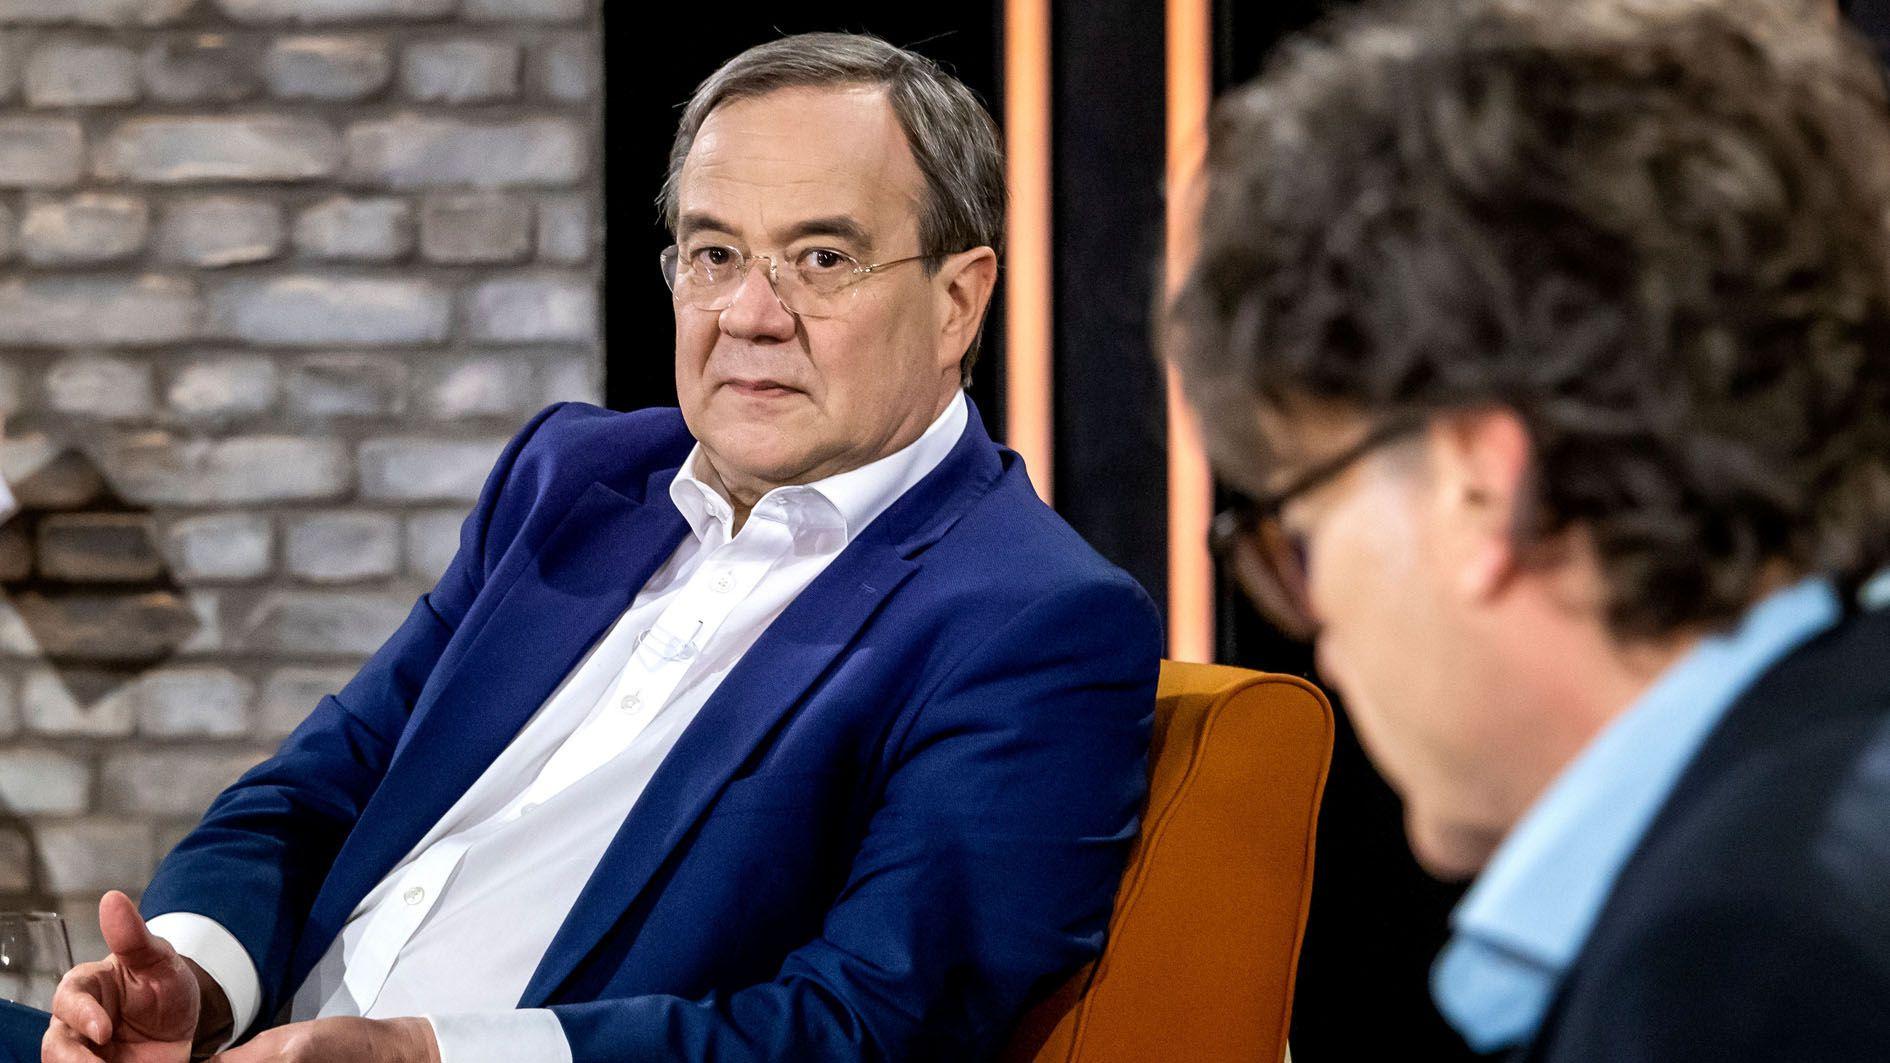 #allesdichtmachen: Jan Josef Liefers erklärt sich im TV und das sagt Laschet